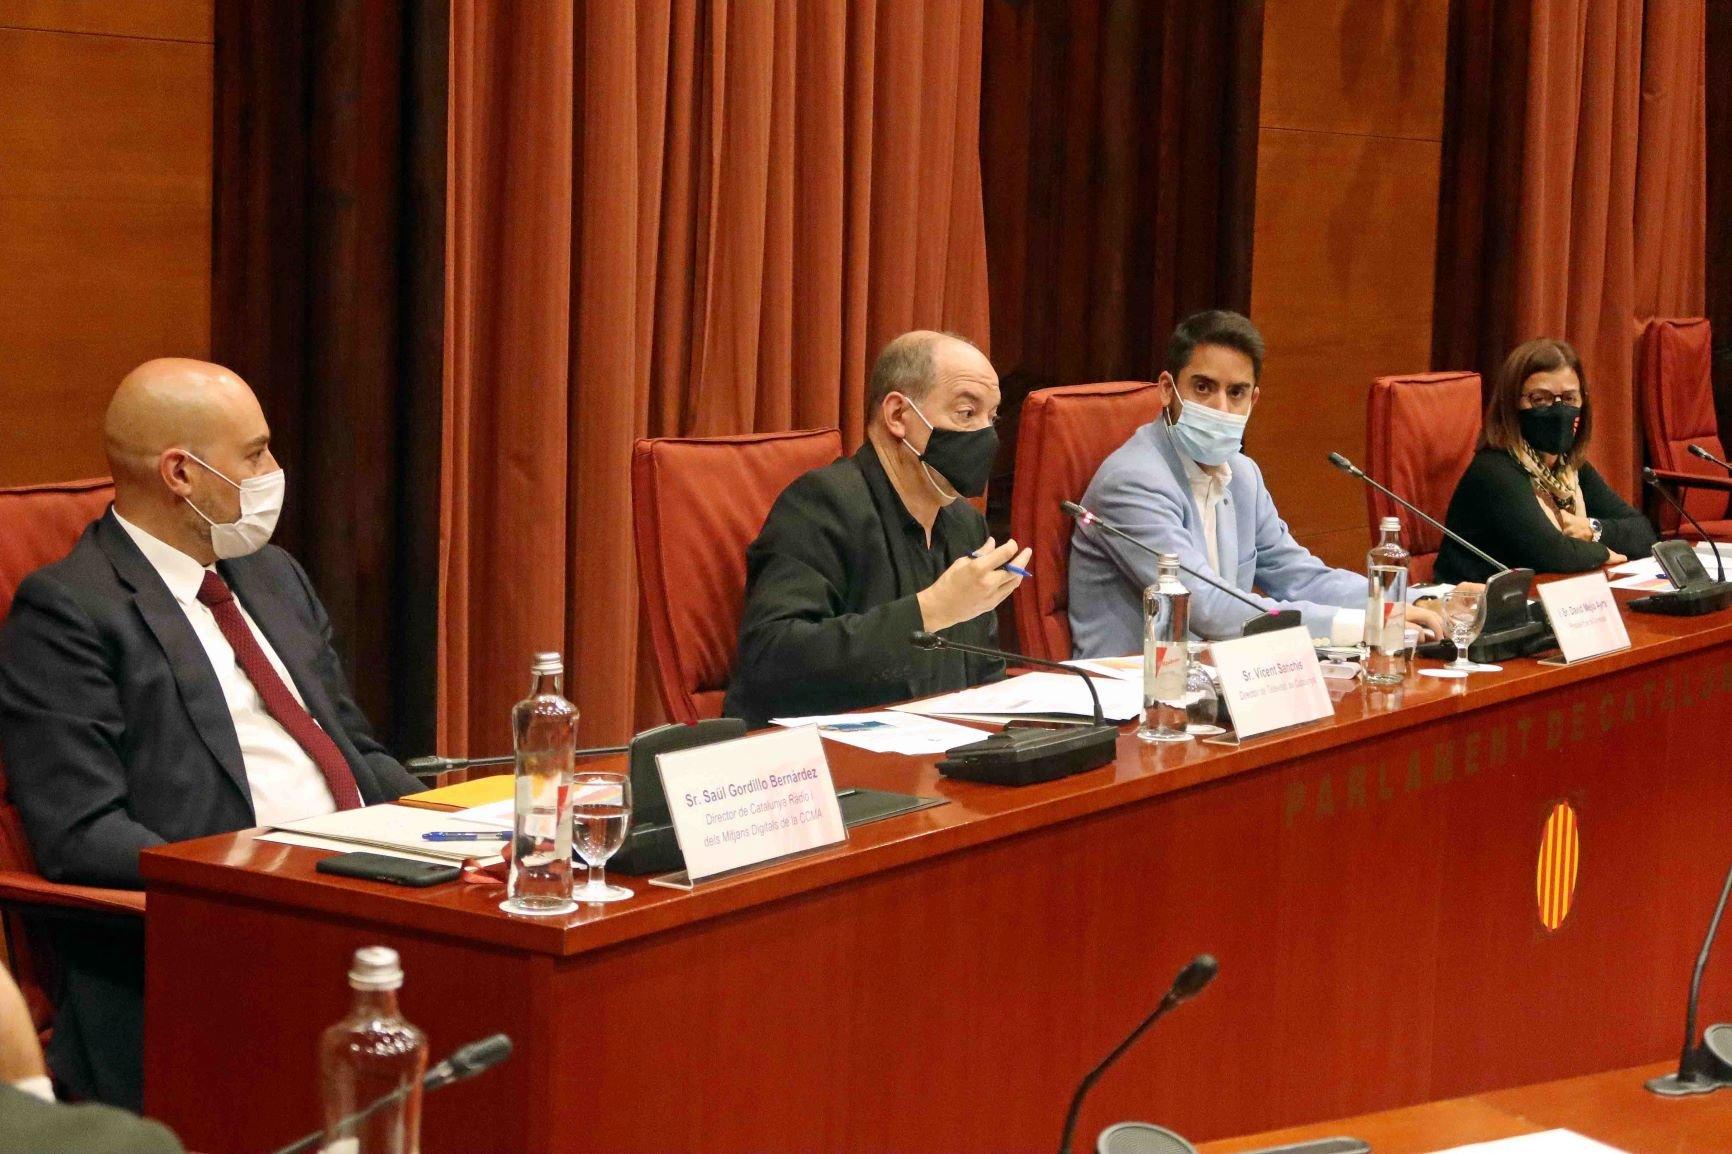 Saül Gordillo, Vicent Sanchis i Núria Llorach, a la comissió de con